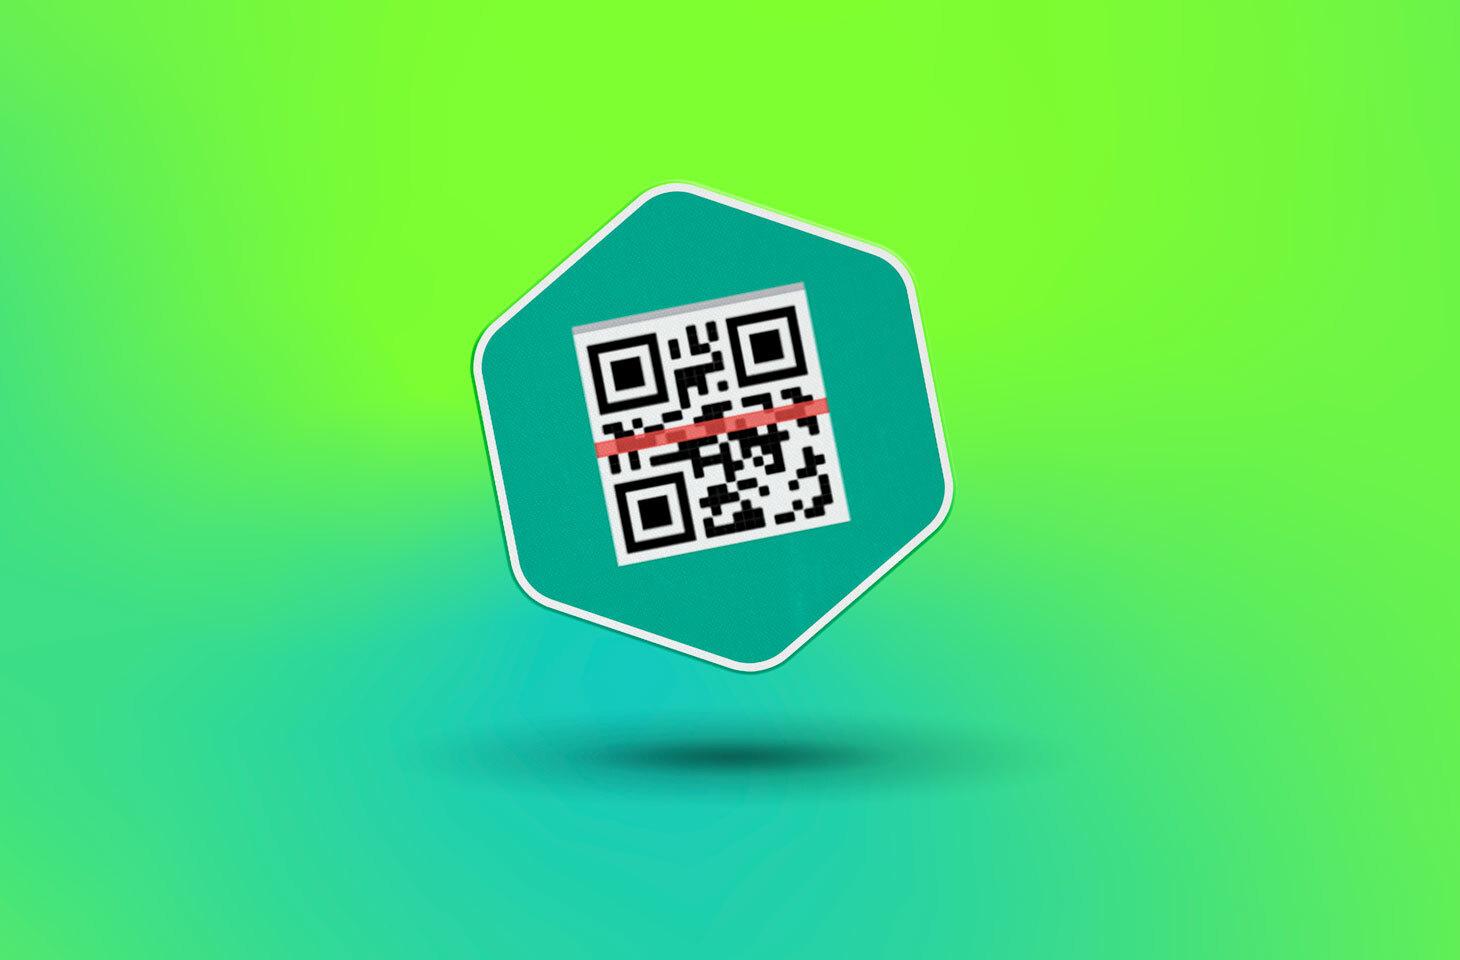 QR kod dolandırıcılığı | Kaspersky Resmi Blogu